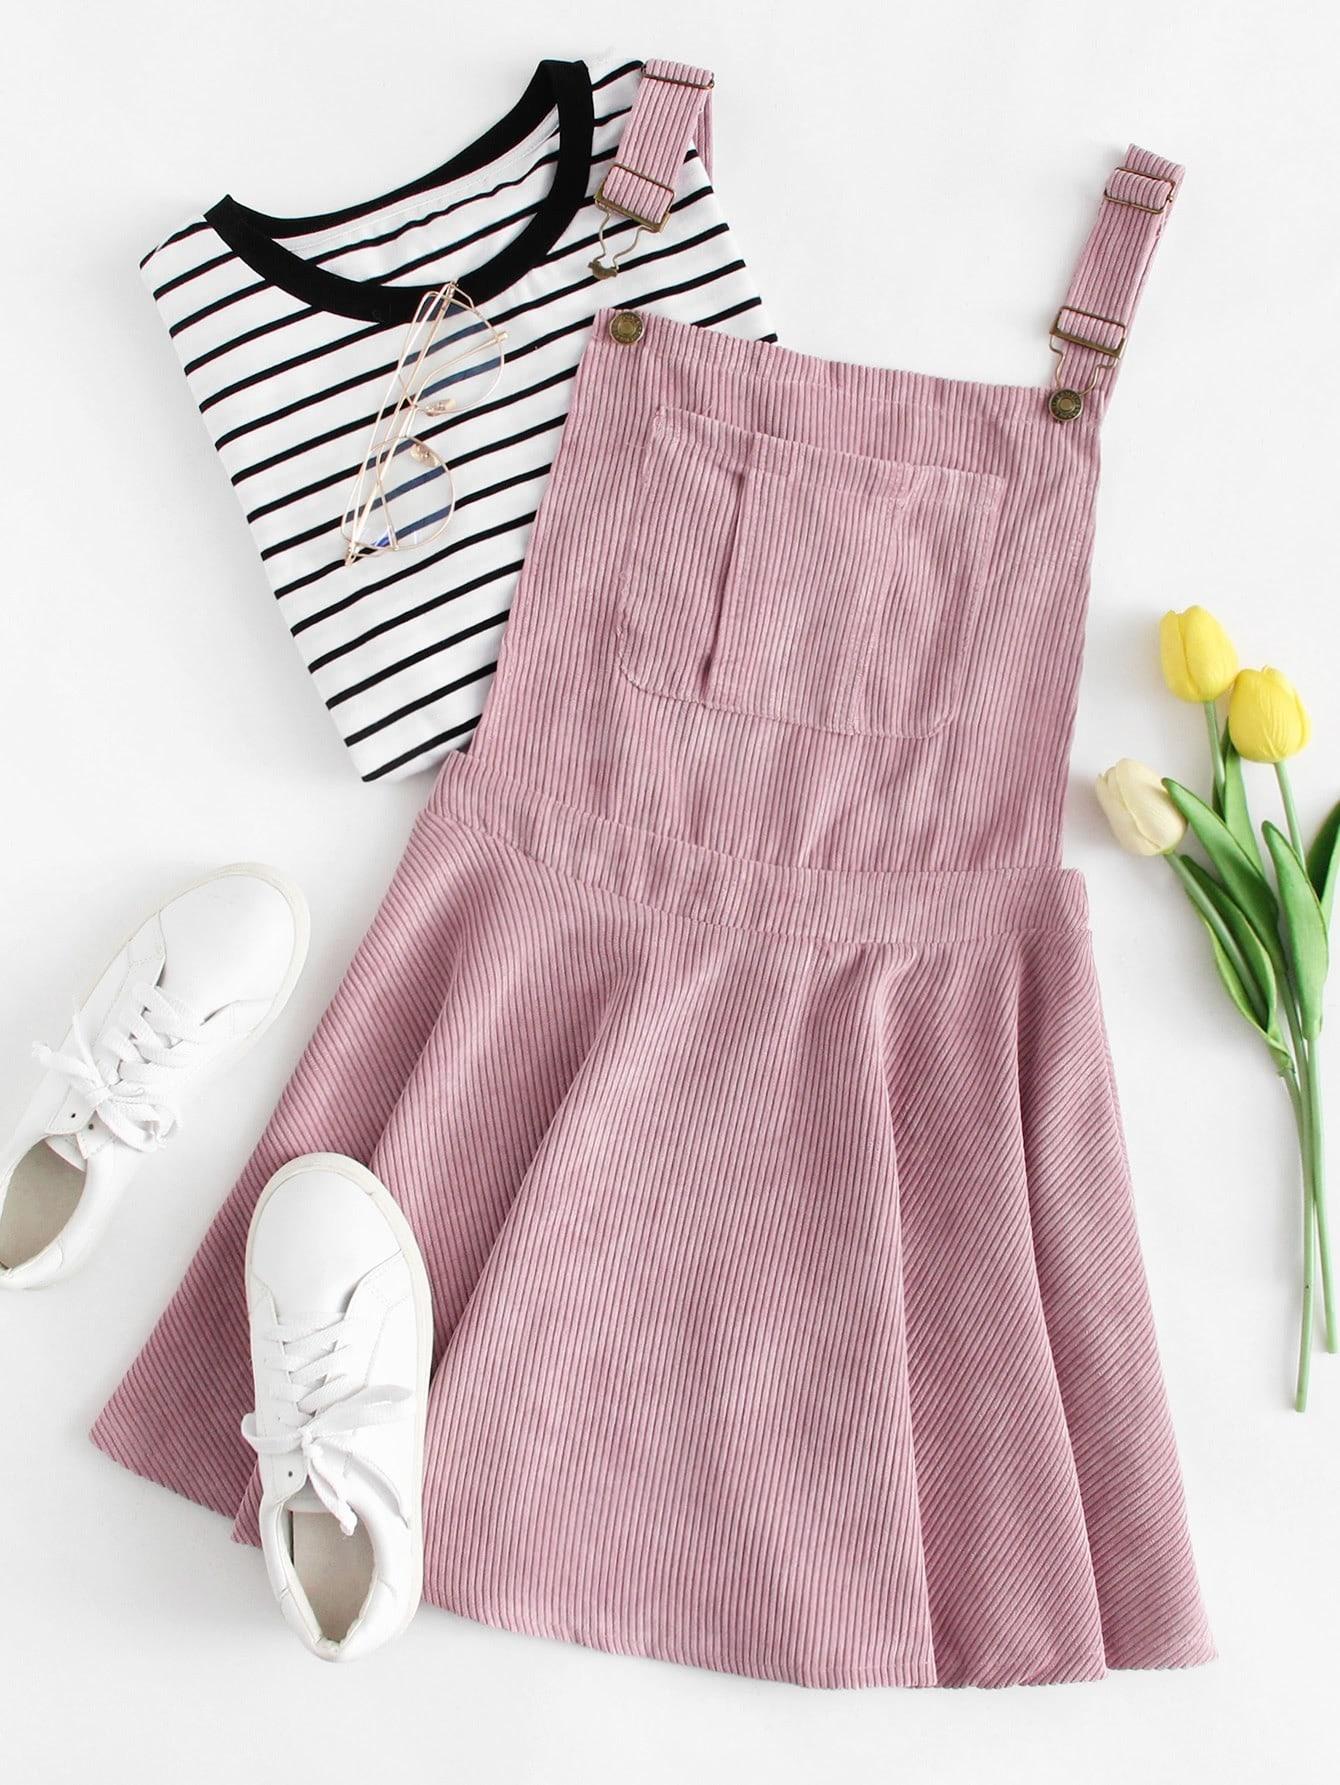 Купить Кокетливый стиль Одноцветный с карманами Розовые Платья, null, SheIn